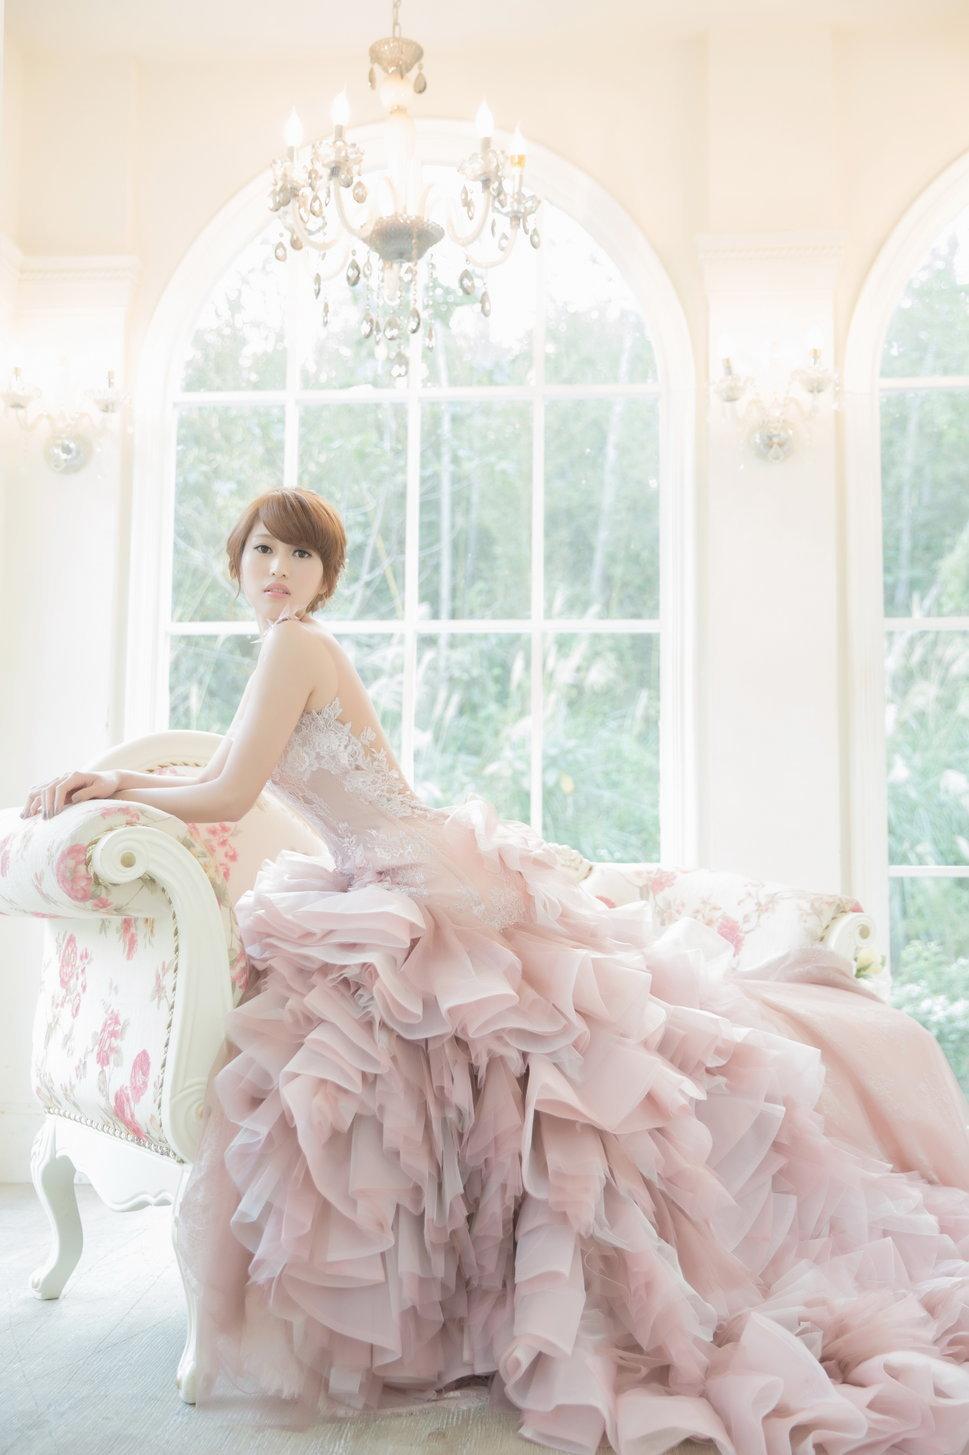 手工婚紗禮服 超美 希臘婚禮 婚紗 攝影(編號:377114) - 希臘婚禮  婚紗  攝影 - 結婚吧一站式婚禮服務平台